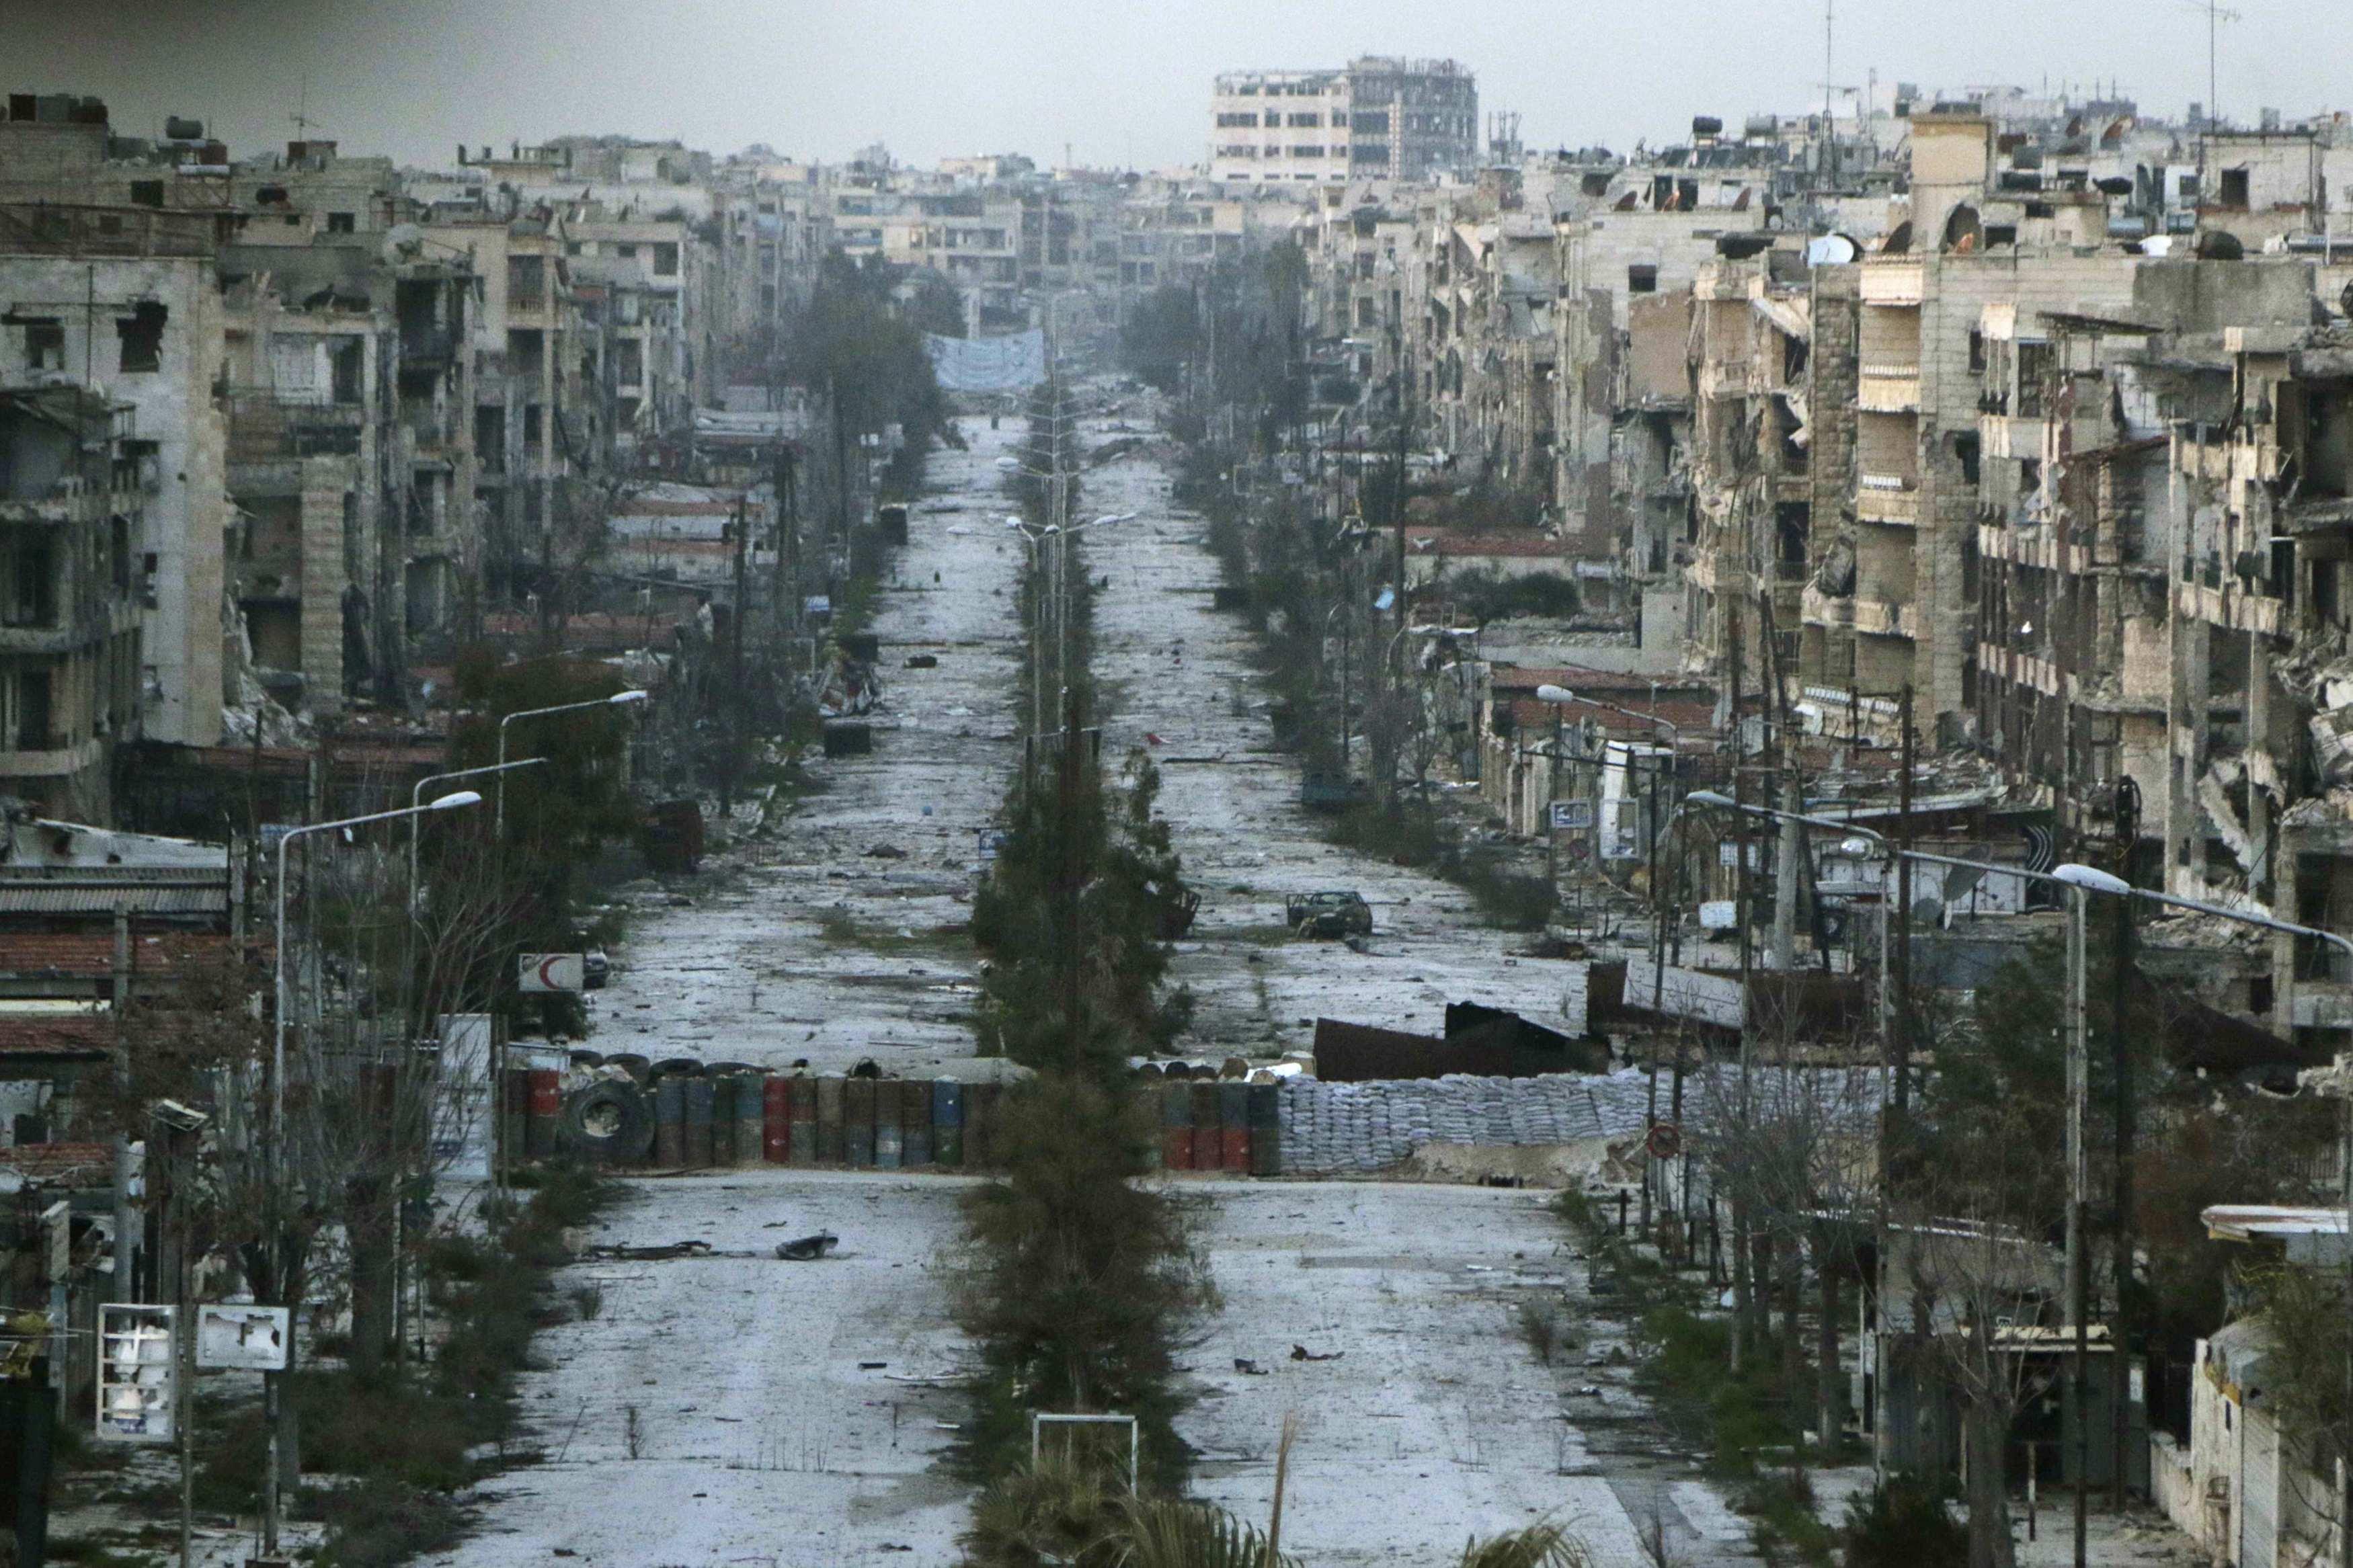 الحرب السورية.. النار تستعر من جديد والتهديد يتضاعف